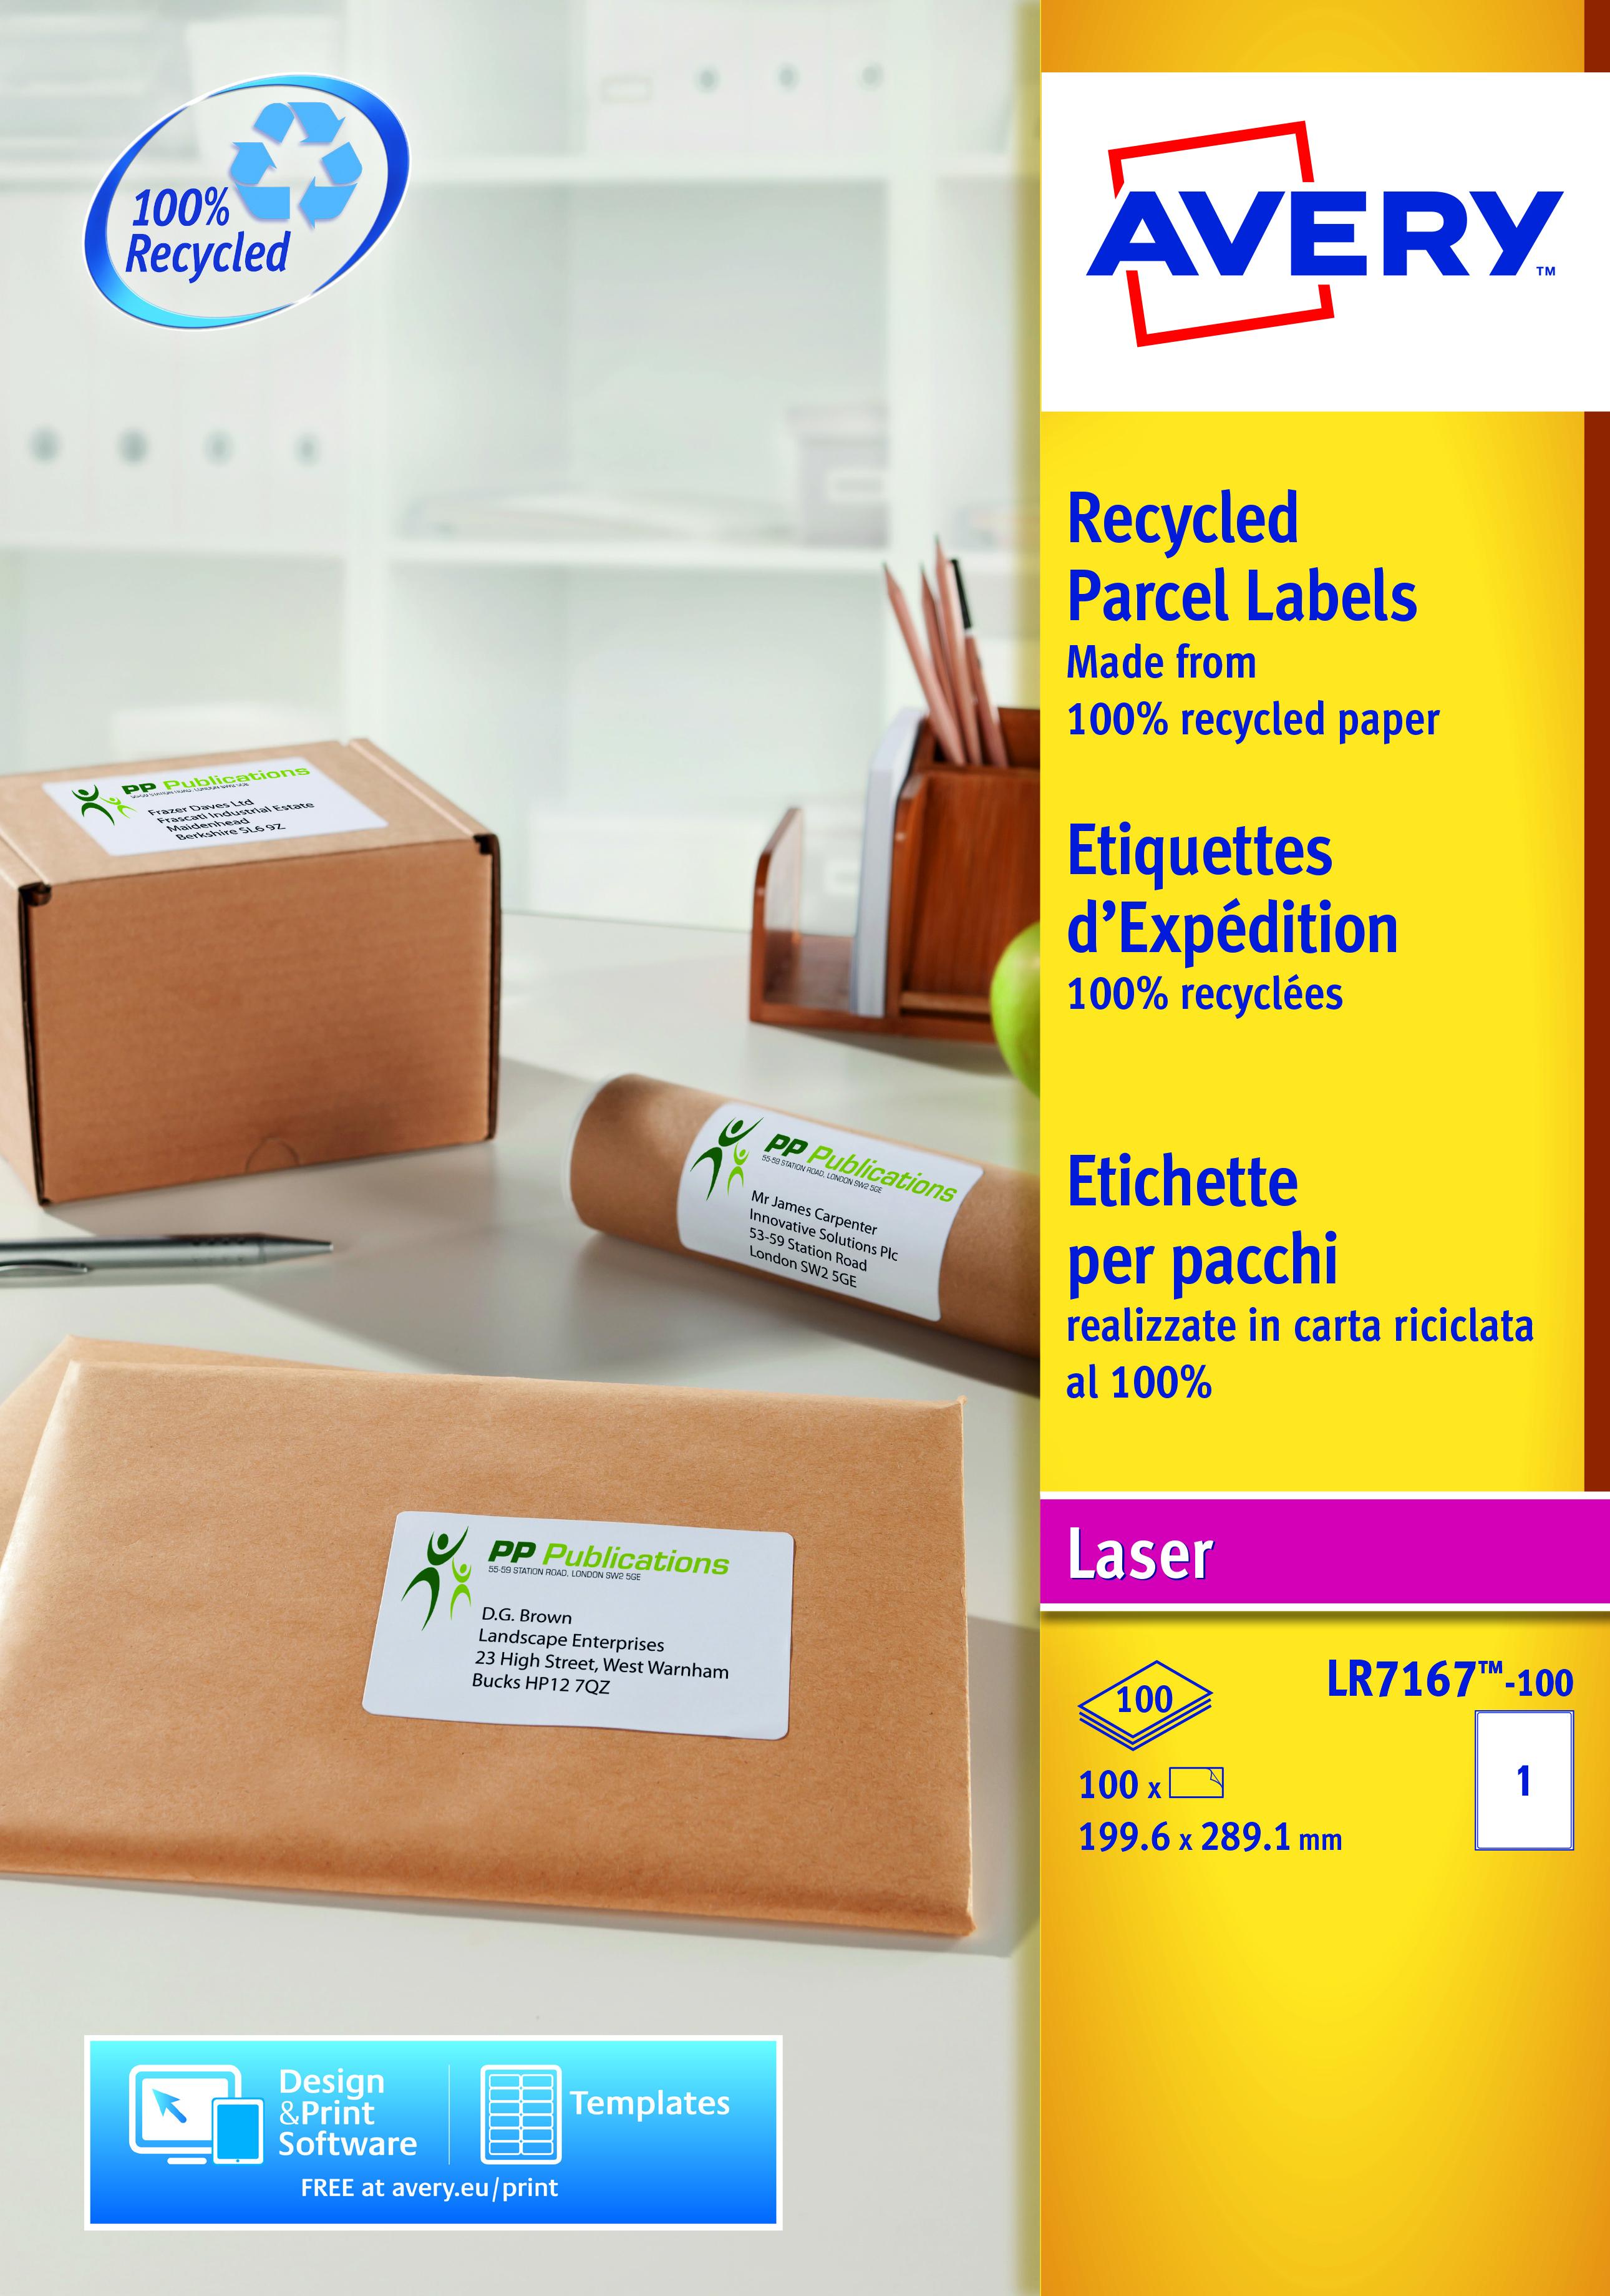 Avery LR7167-100 199.6x289.1mm Recycled Lbl 1 p/sheet PK100